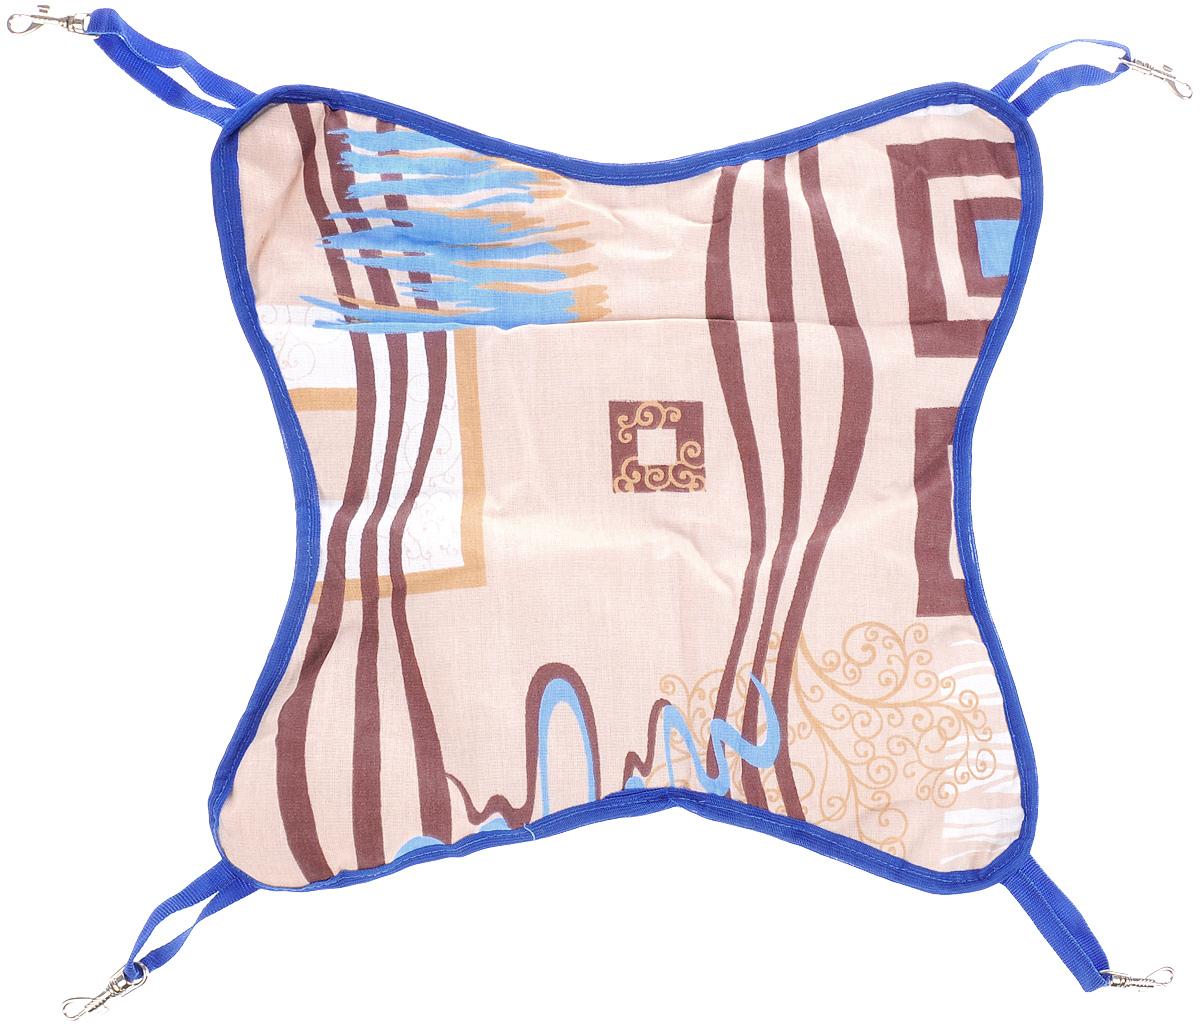 Гамак для шиншилл и хорьков ЗооМарк, подвесной, цвет: бежевый, коричневый, синий. Д-1110021251Гамак ЗооМарк станет лучшим подарком для вашего любимца.Гамак выполнен из высококачественных материалов и оснащен 4 специальными креплениями на карабинах. Мягкий подвесной гамак ЗооМарк надолго привлечет внимание животного и обеспечит интересным времяпровождением. Размеры изделия: 40 х 40 см. Длина крепления (без учета карабина): 9 см.